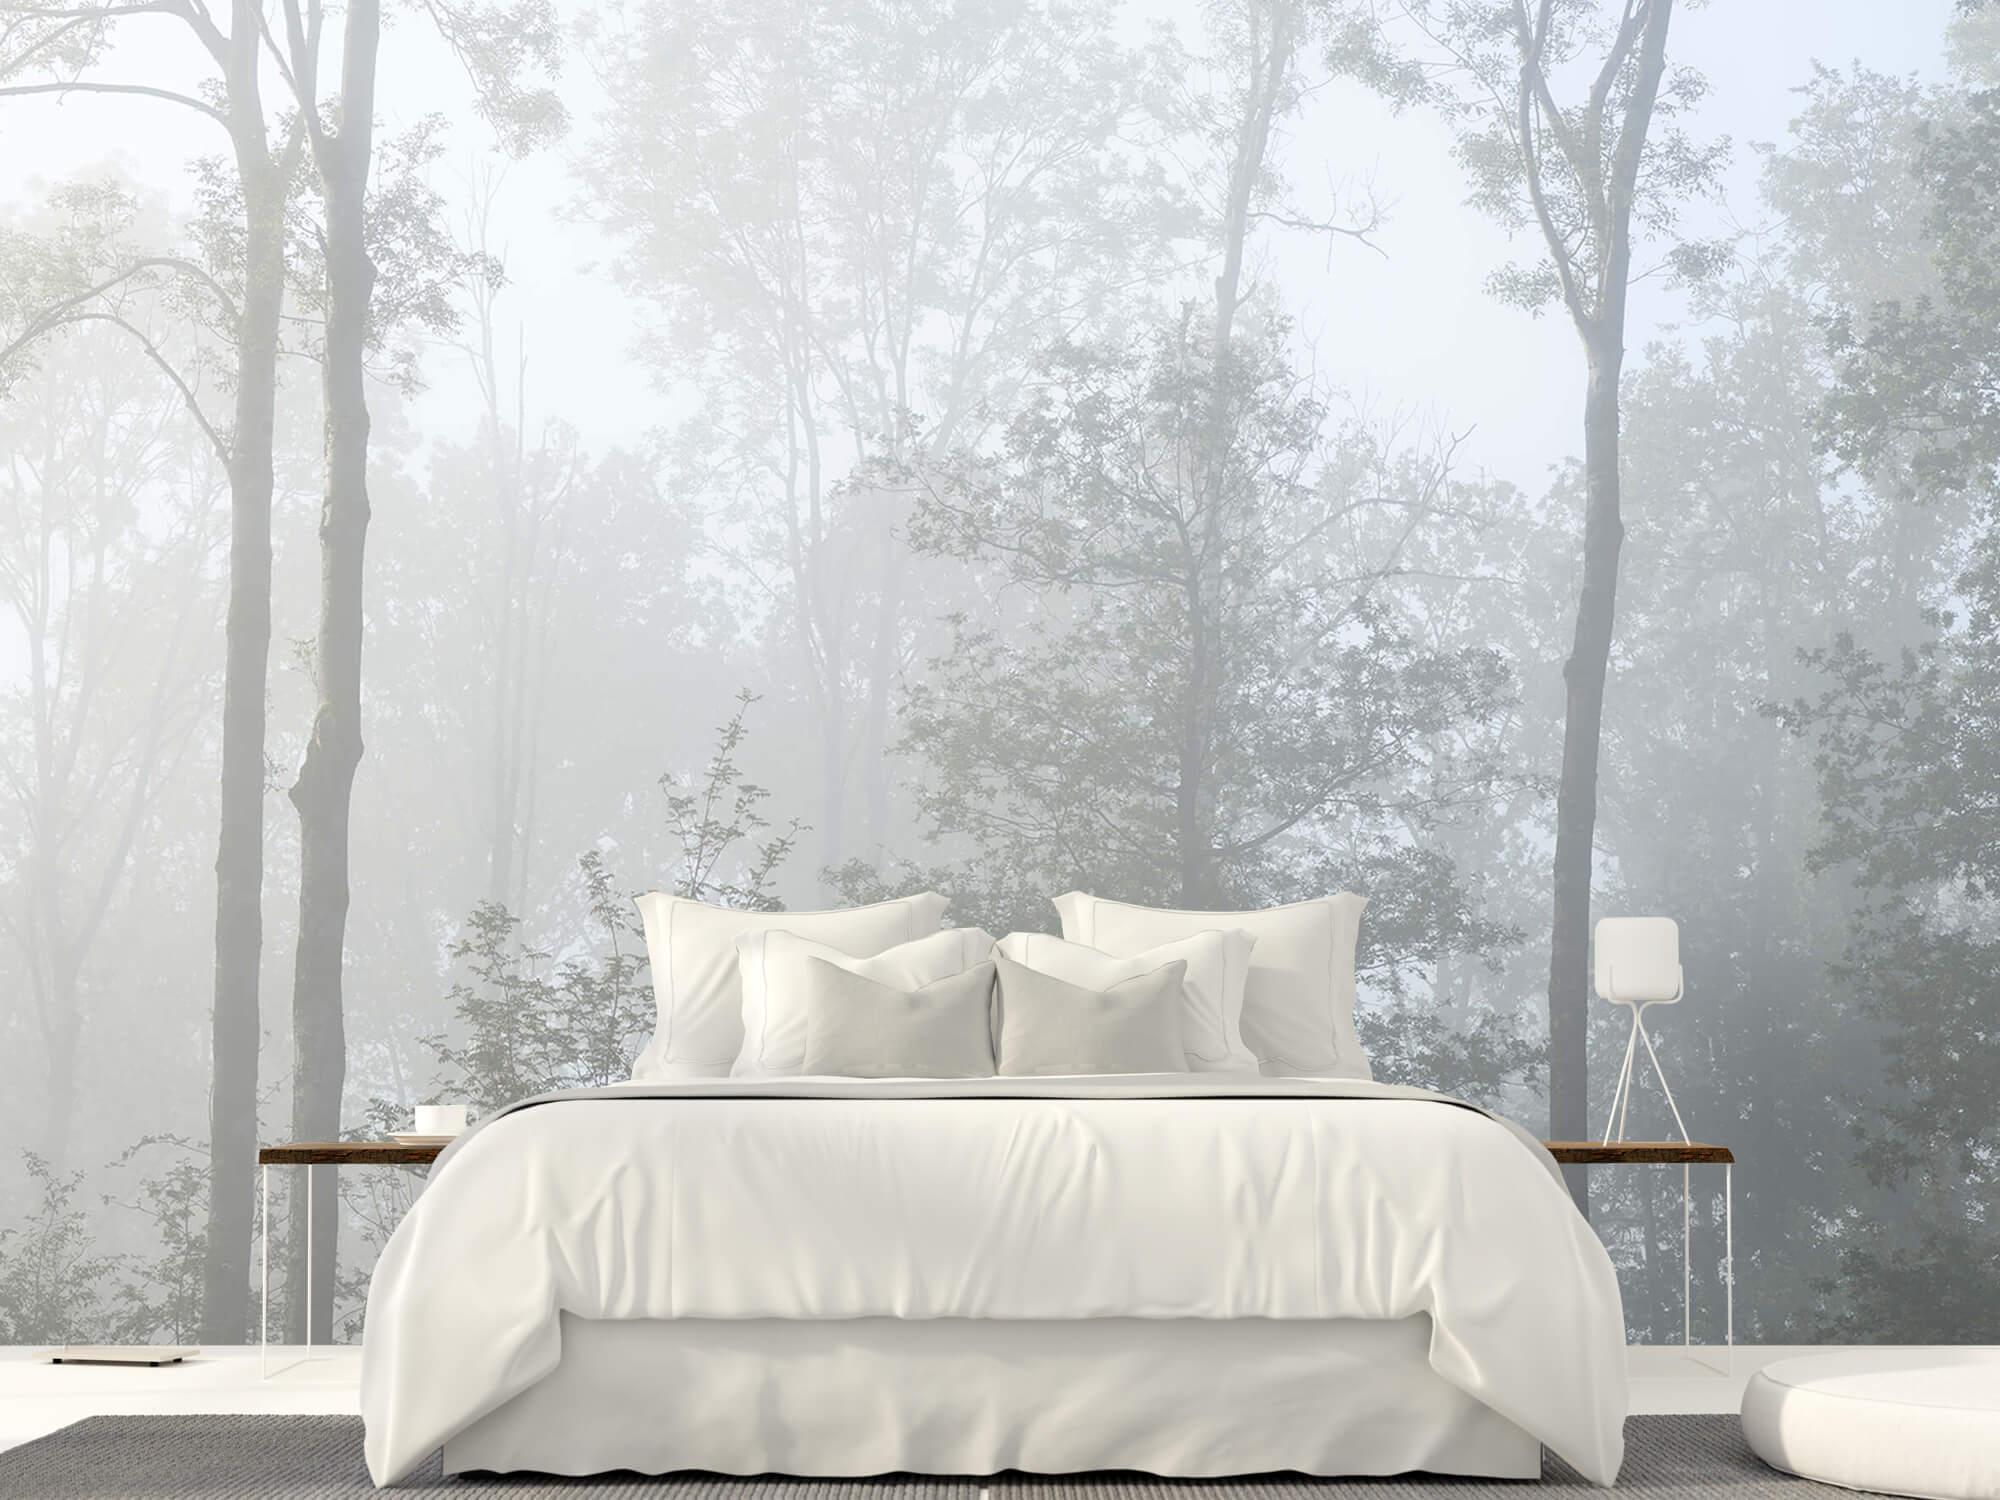 Bos behang Dichte mist in het bos 23